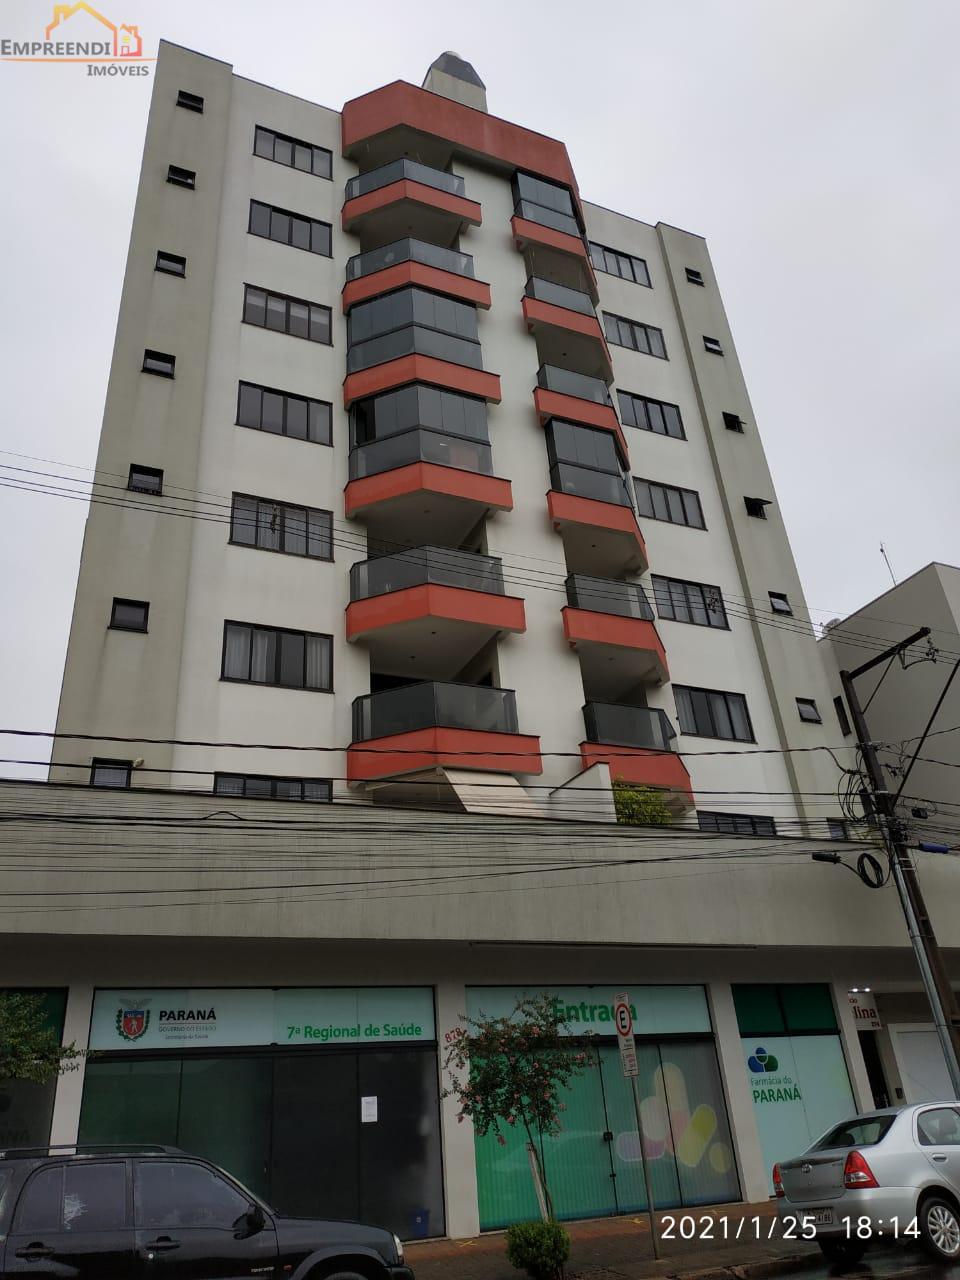 Apartamento com 2 dormitórios à venda, CENTRO, PATO BRANCO - PR